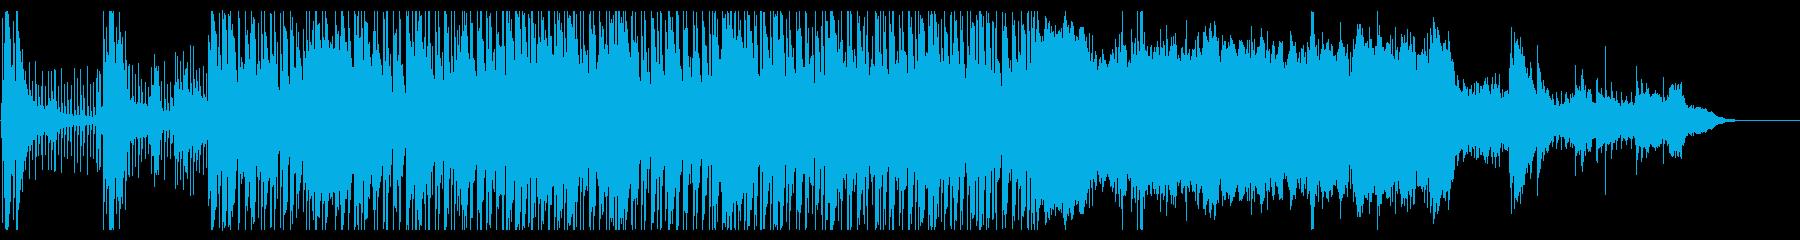 熱帯、ジャングルの雄叫び風BGMの再生済みの波形